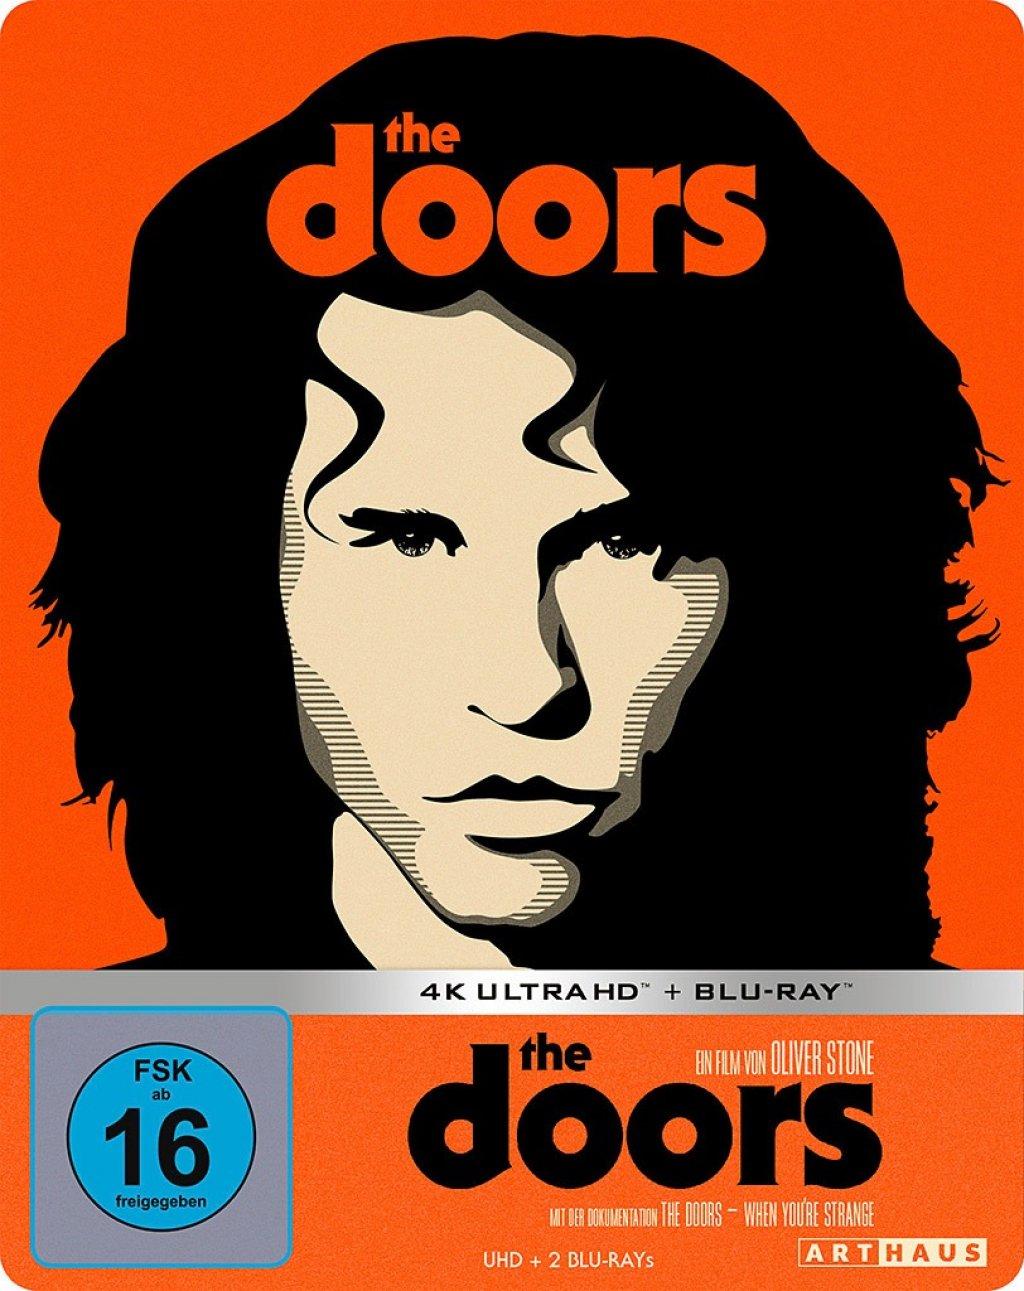 The Doors 4K Limited Steelbook Edition (4K UHD + Blu-ray) für 19,99€ versandkostenfrei (Media Markt)